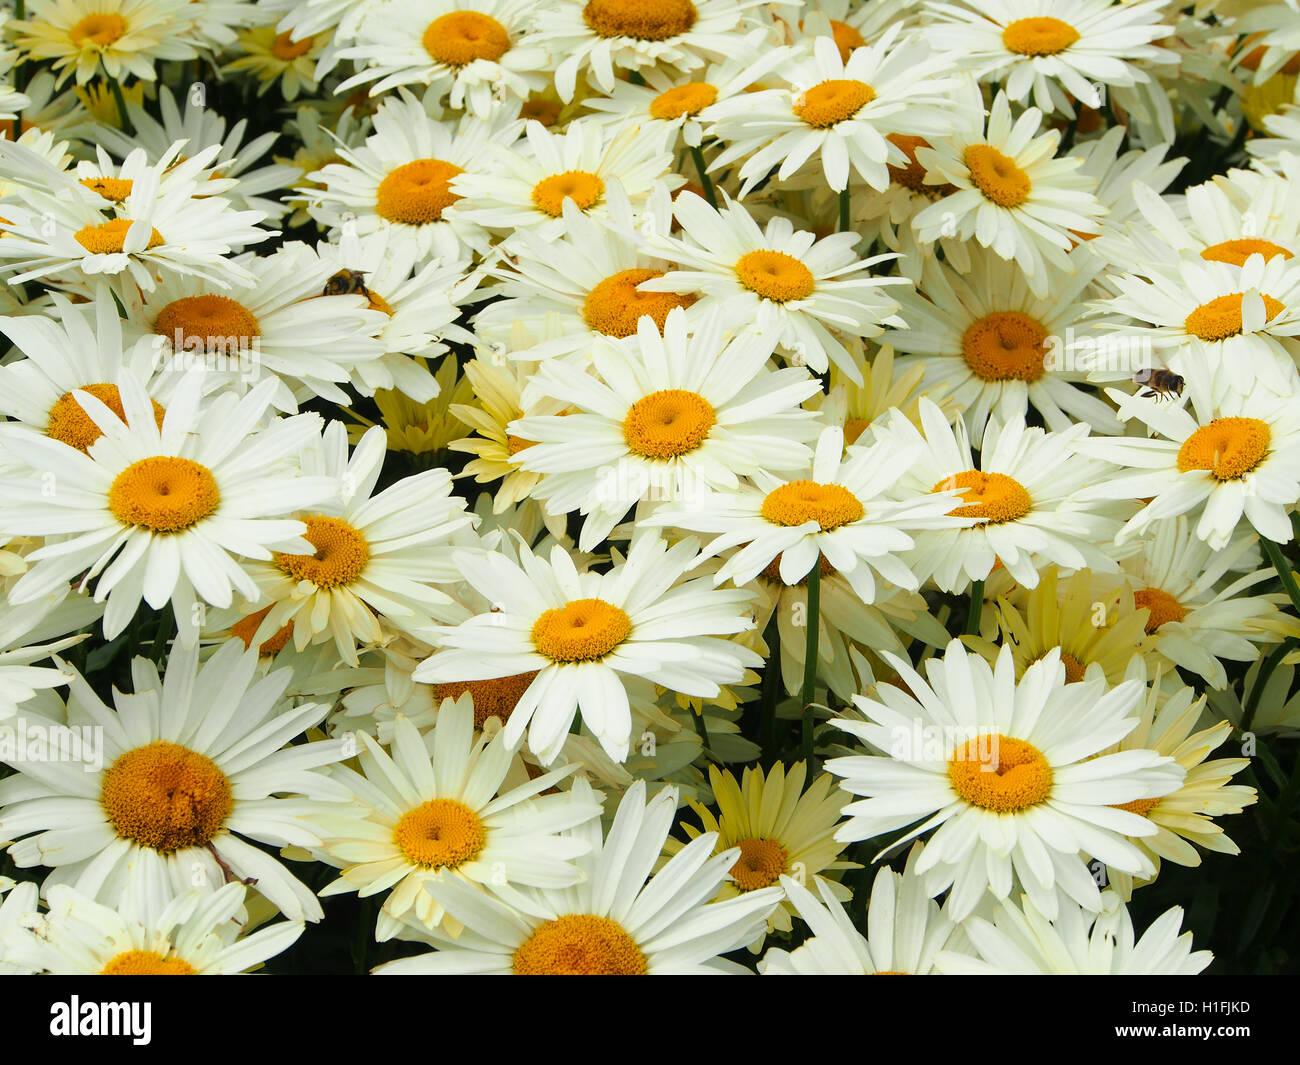 Large white chrysanthemum leucanthemum (oxeye daisies) flowers growing in a perennial border at Tatton Park flower Stock Photo